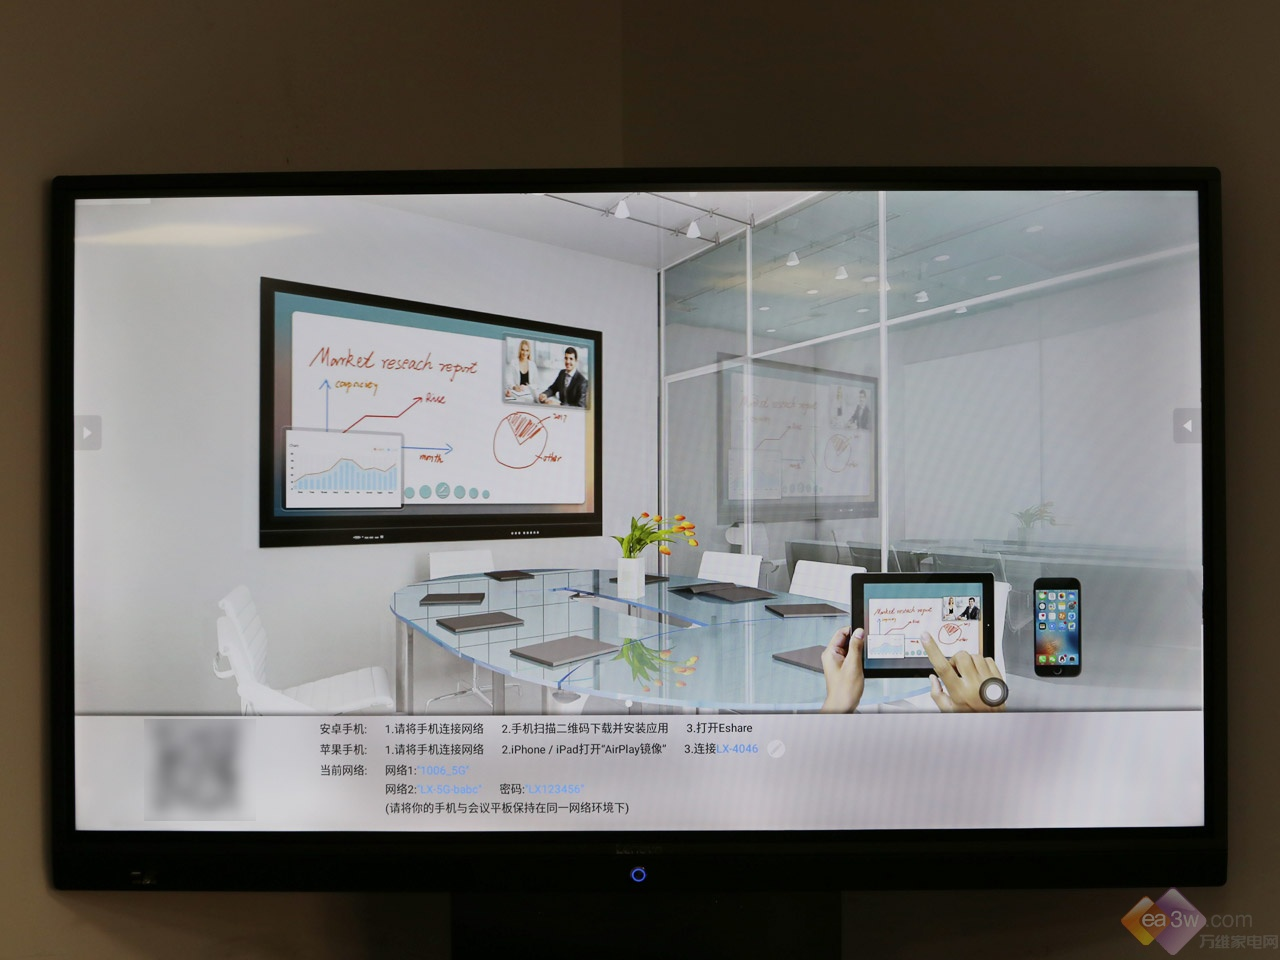 高效会议 不止一屏 联想智能大屏BL65评测